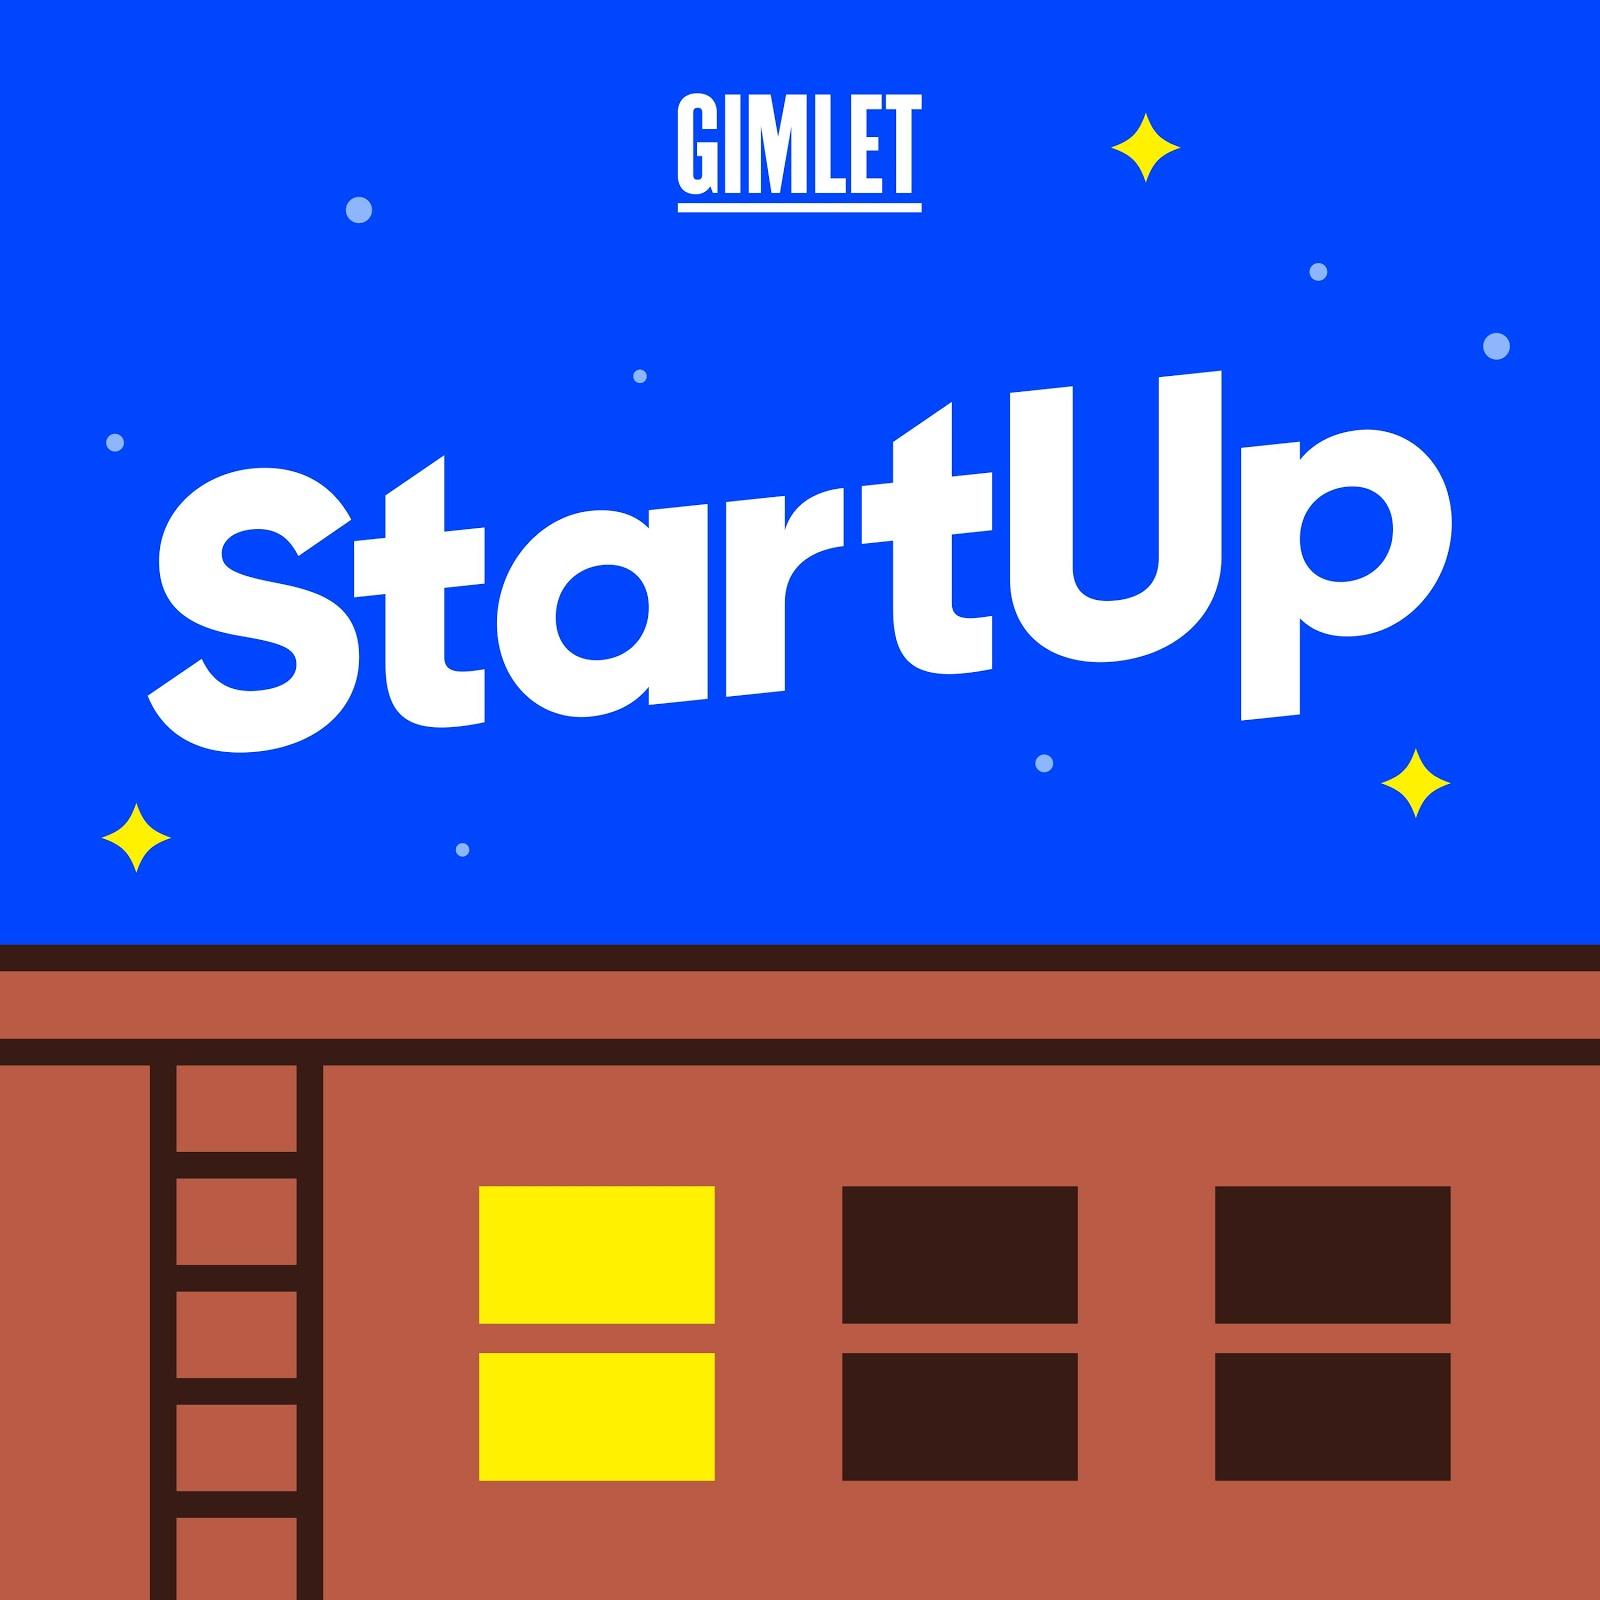 Startup a Gimlet podcast